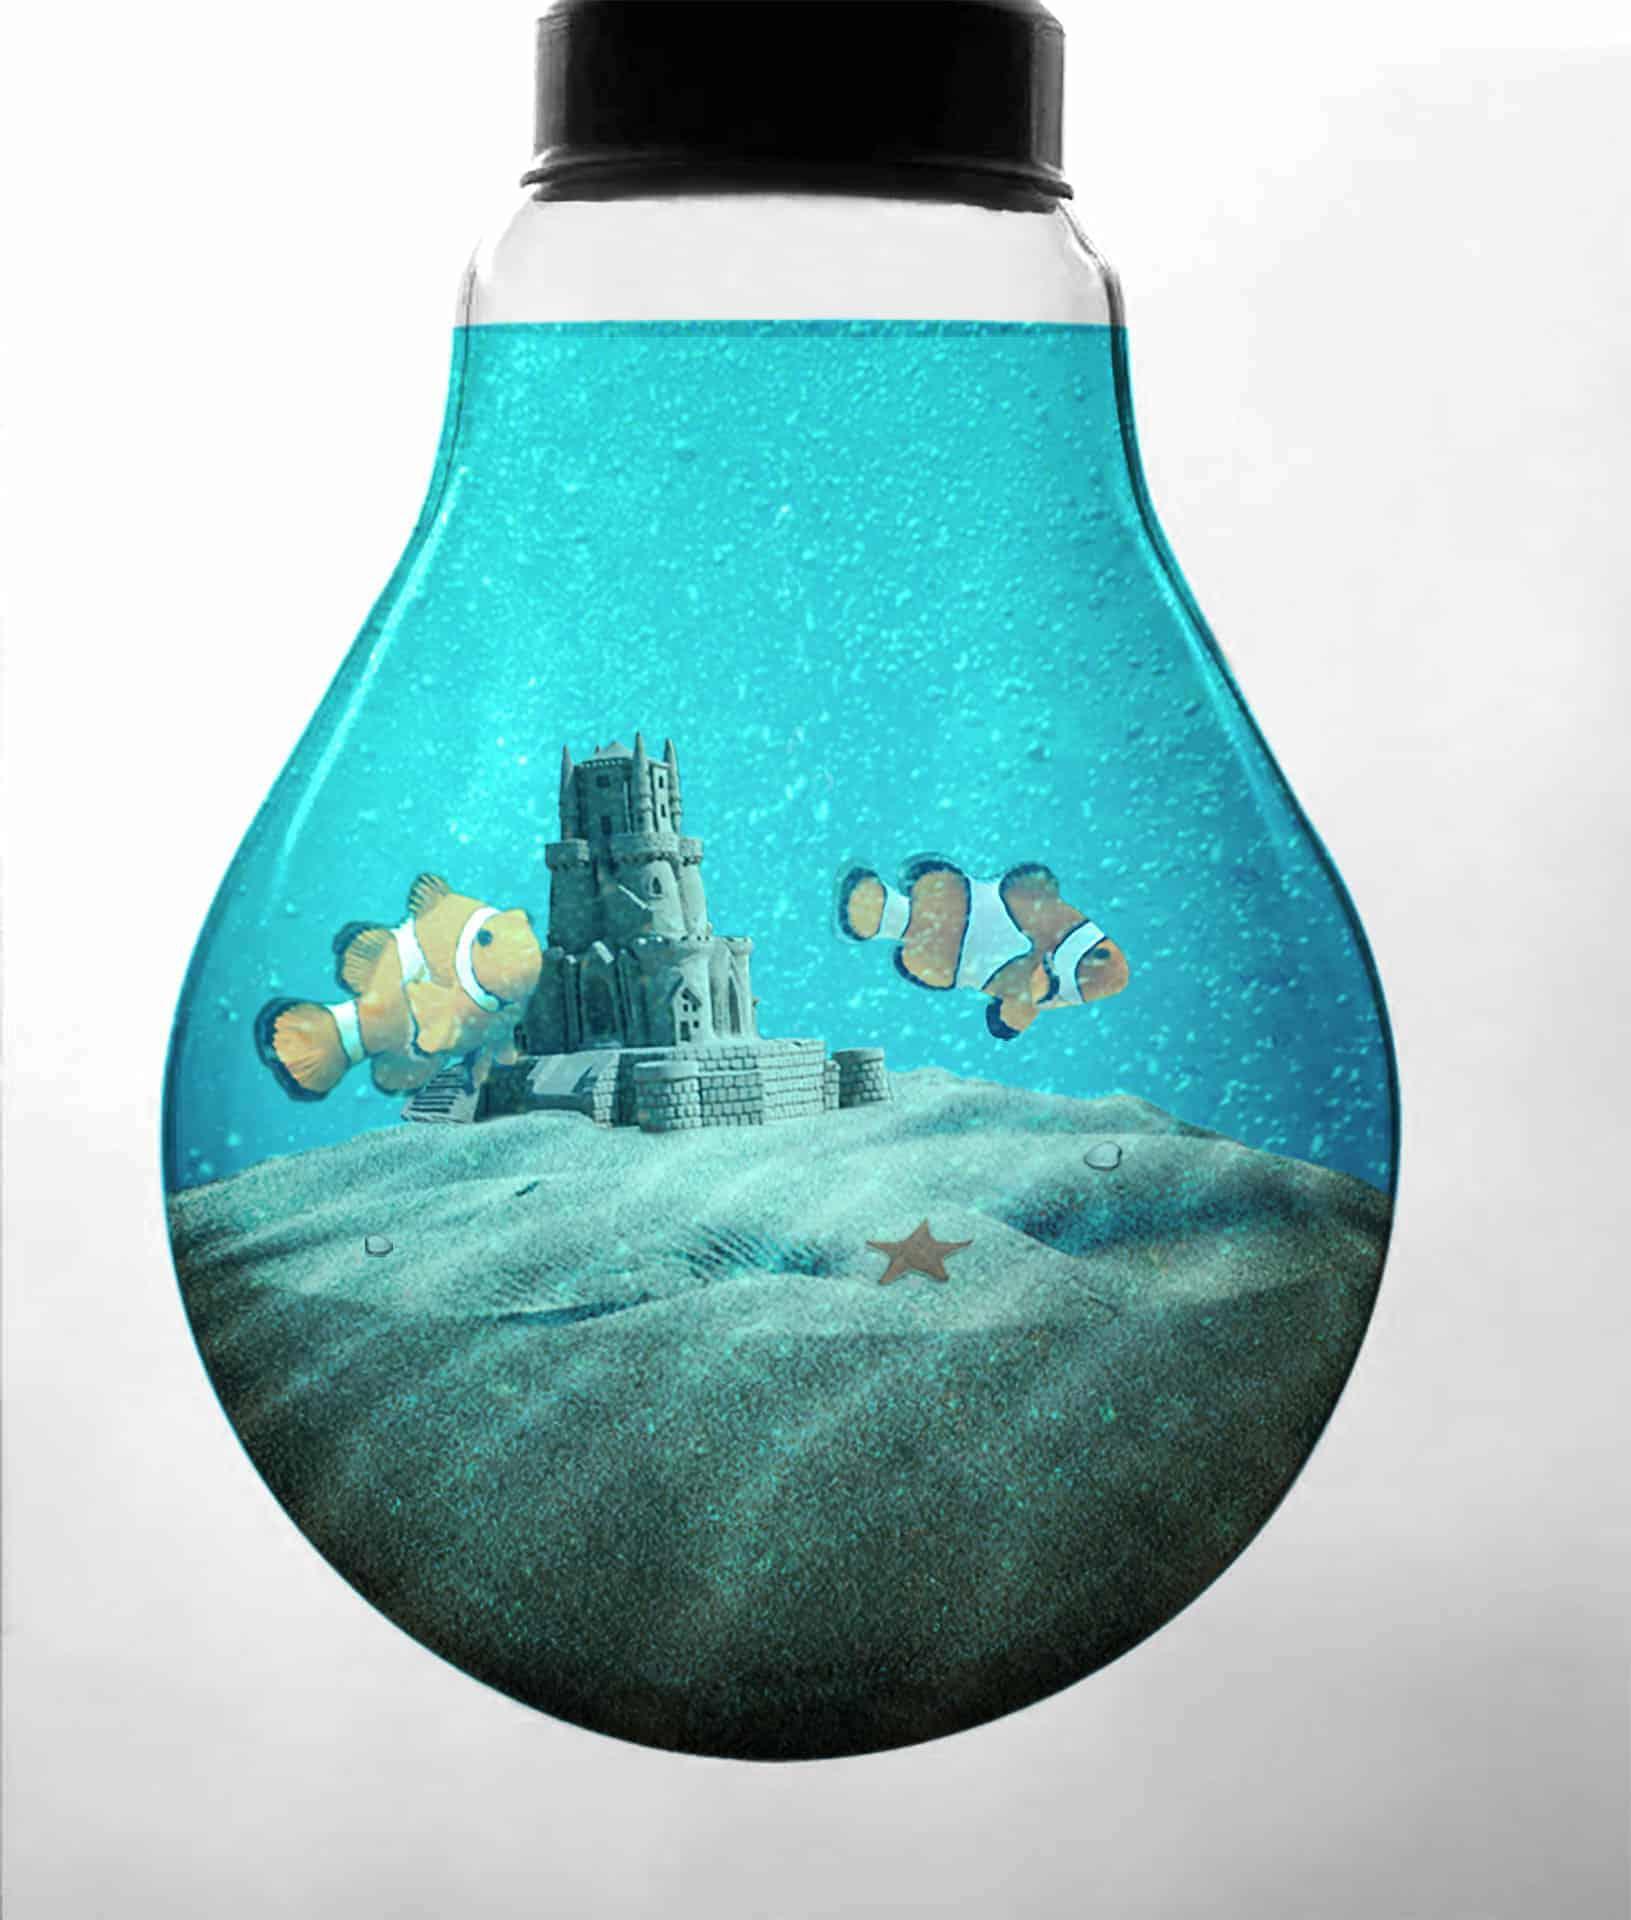 Create an Aquarium Inside a Light Bulb with Photoshop